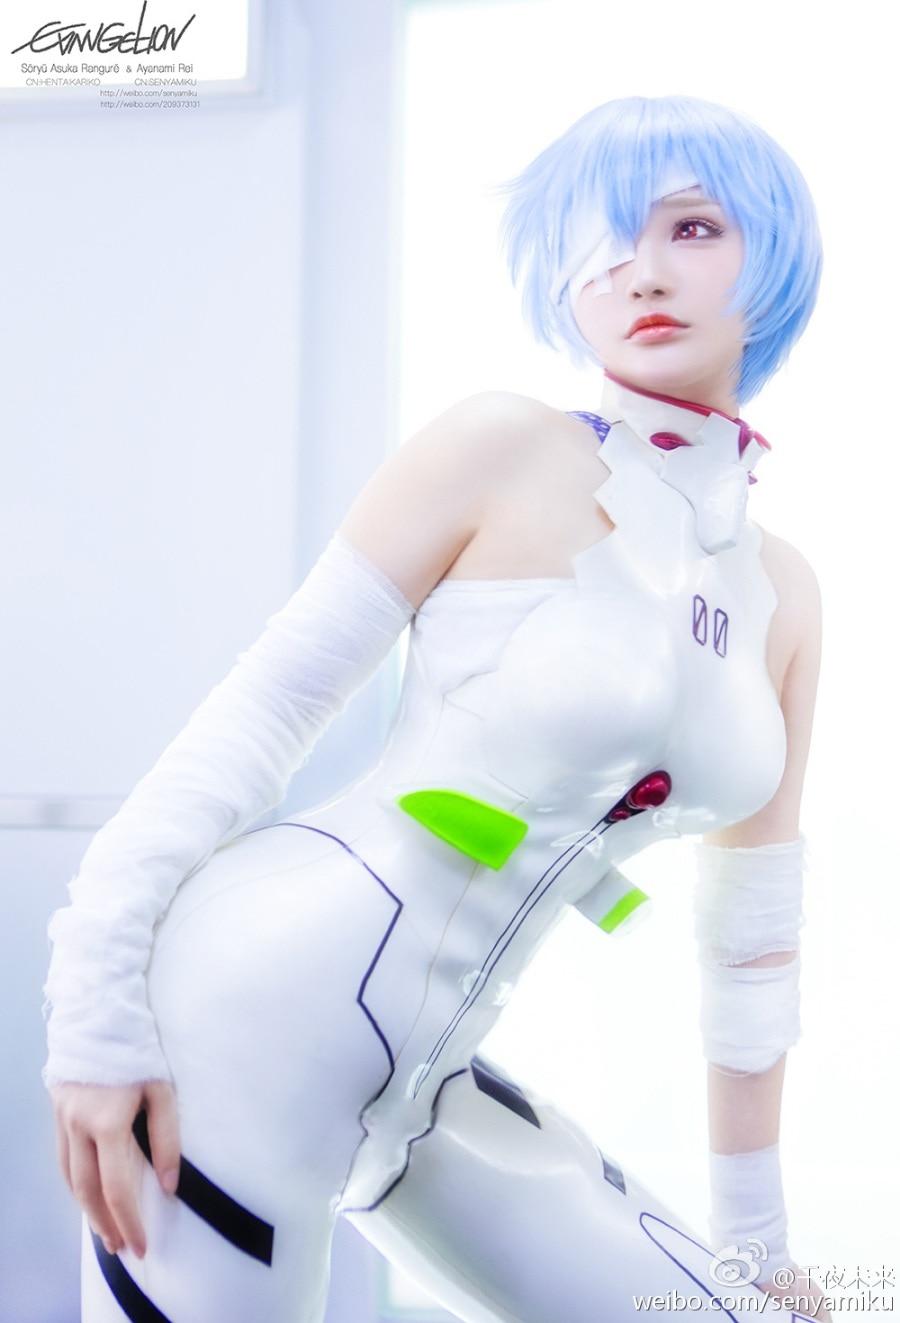 千夜未来(Senya Miku) – 最萌女神写真作品合集插图2